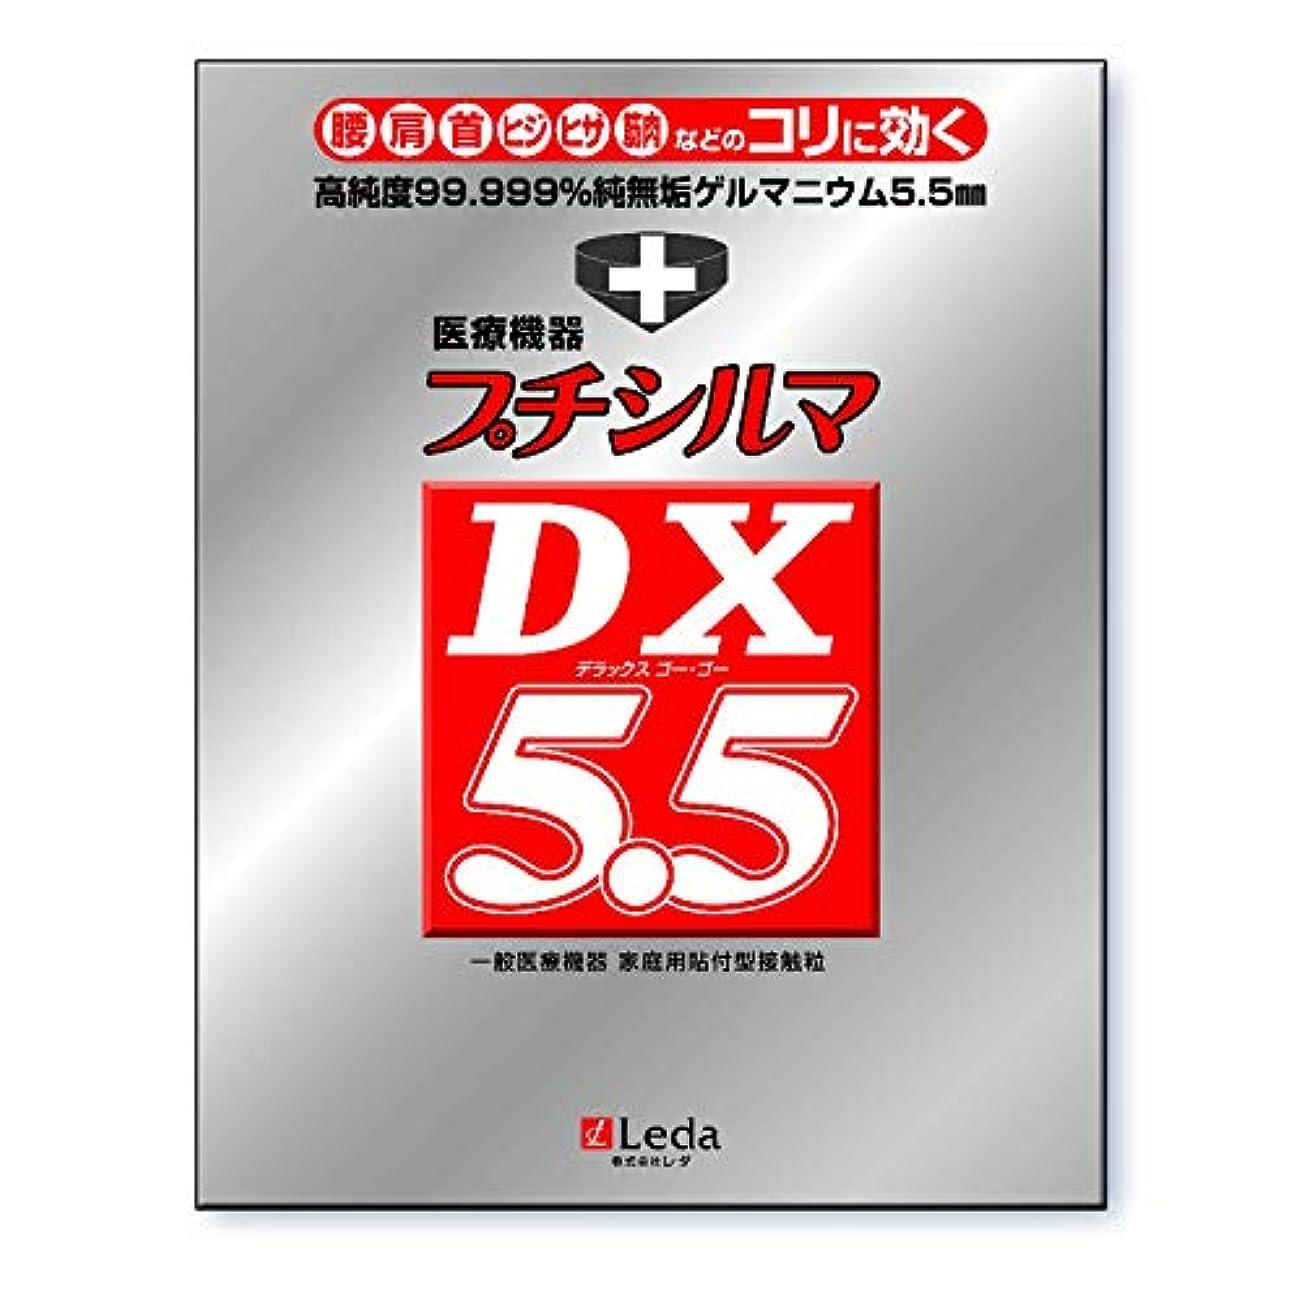 染色進むジェームズダイソンプチシルマDX 5.5 お徳用替えプラスター200枚付き